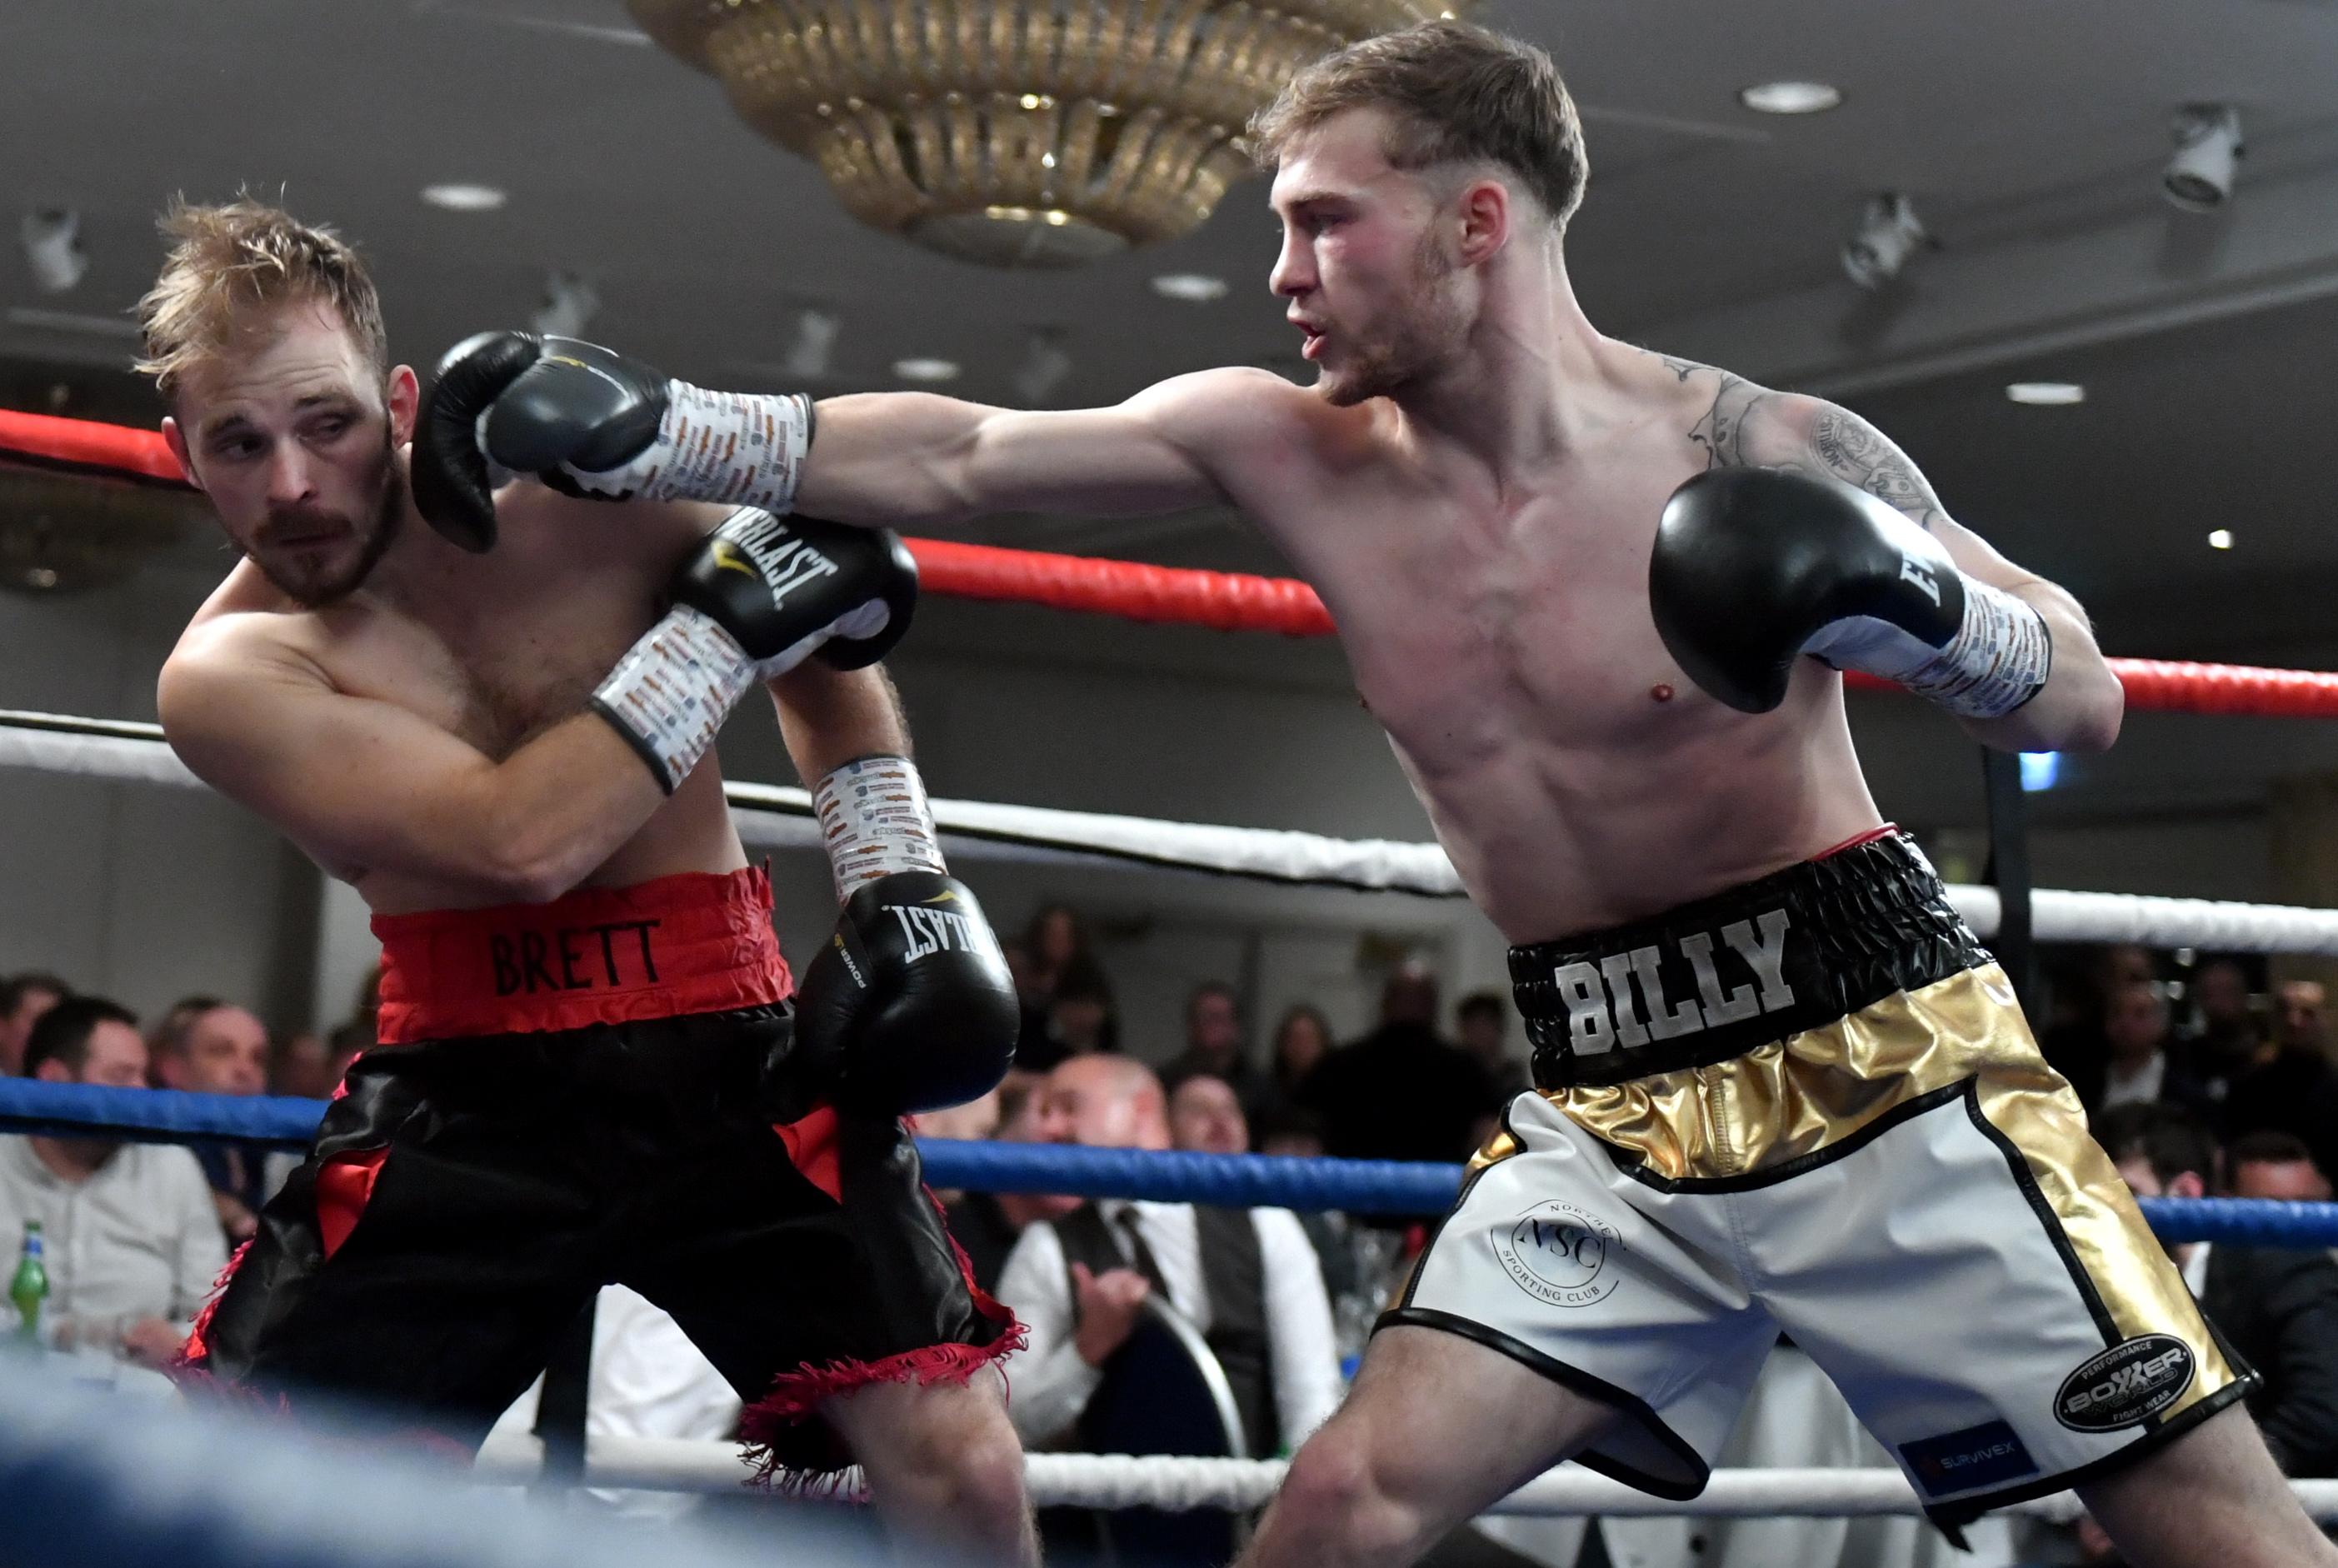 Billy Stuart lands a shot on Brett Fidoe Picture by Chris Sumner